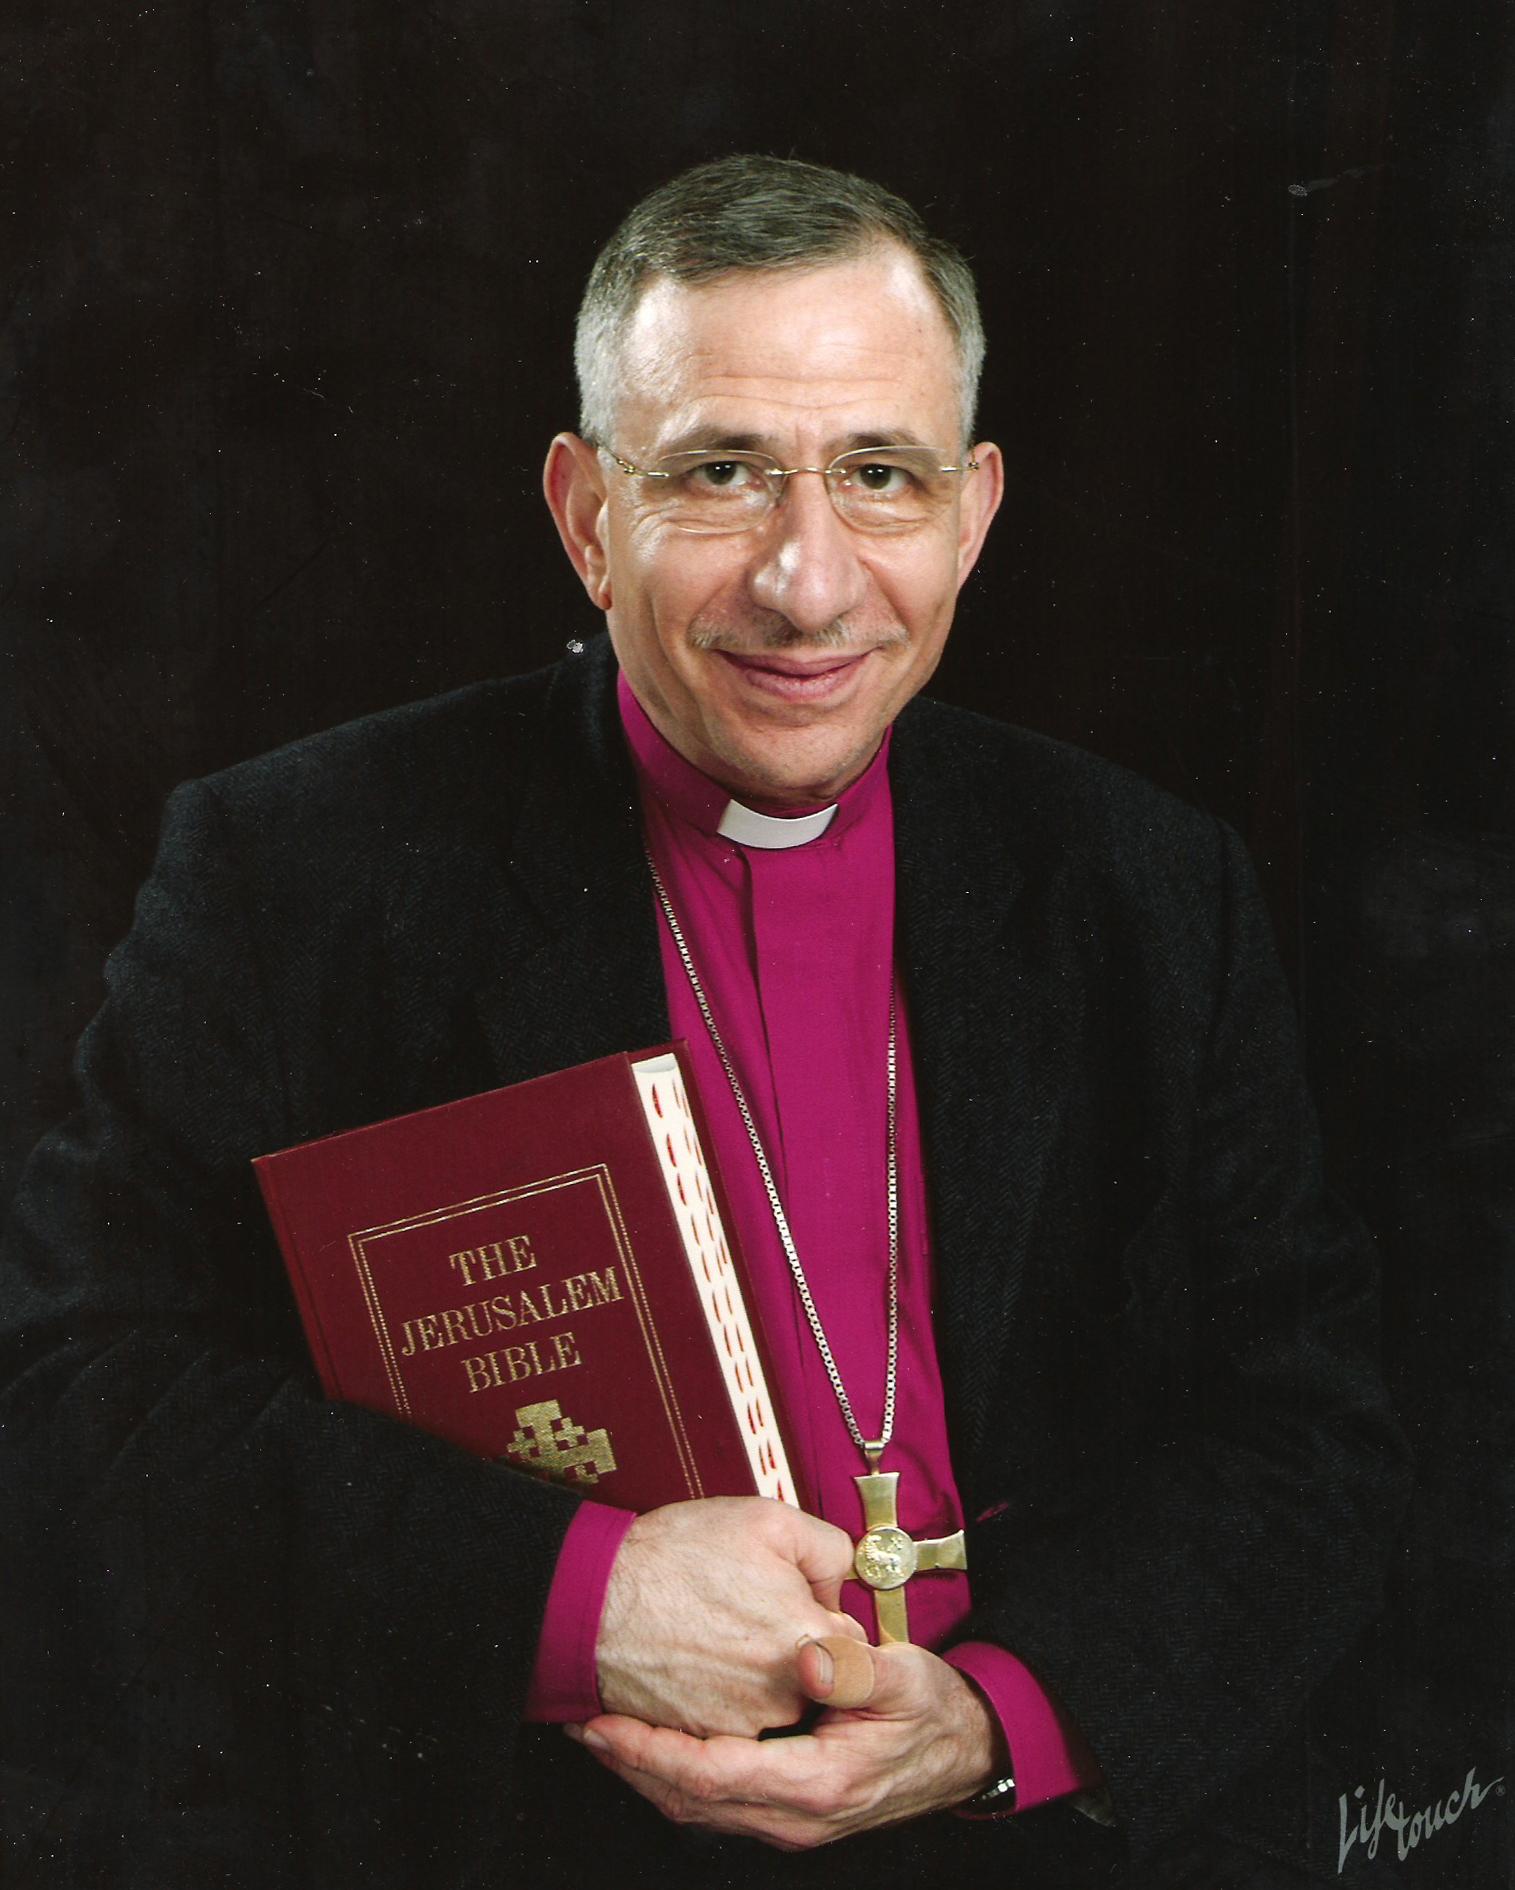 Munib Younan piispa munib younan